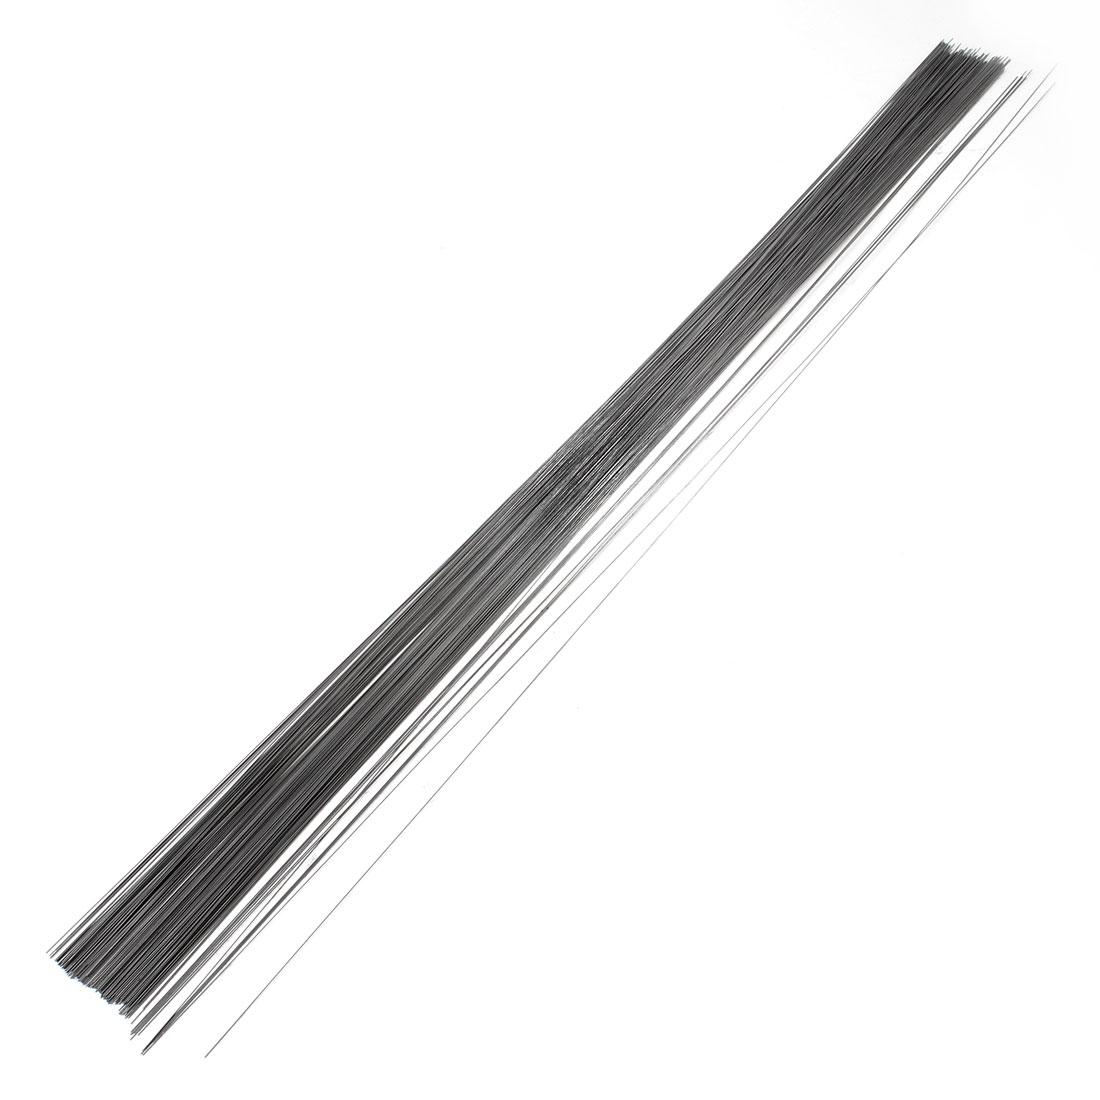 200 Pieces Cerium Tungsten Electrode TIG Welding 0.4mm x 500mm